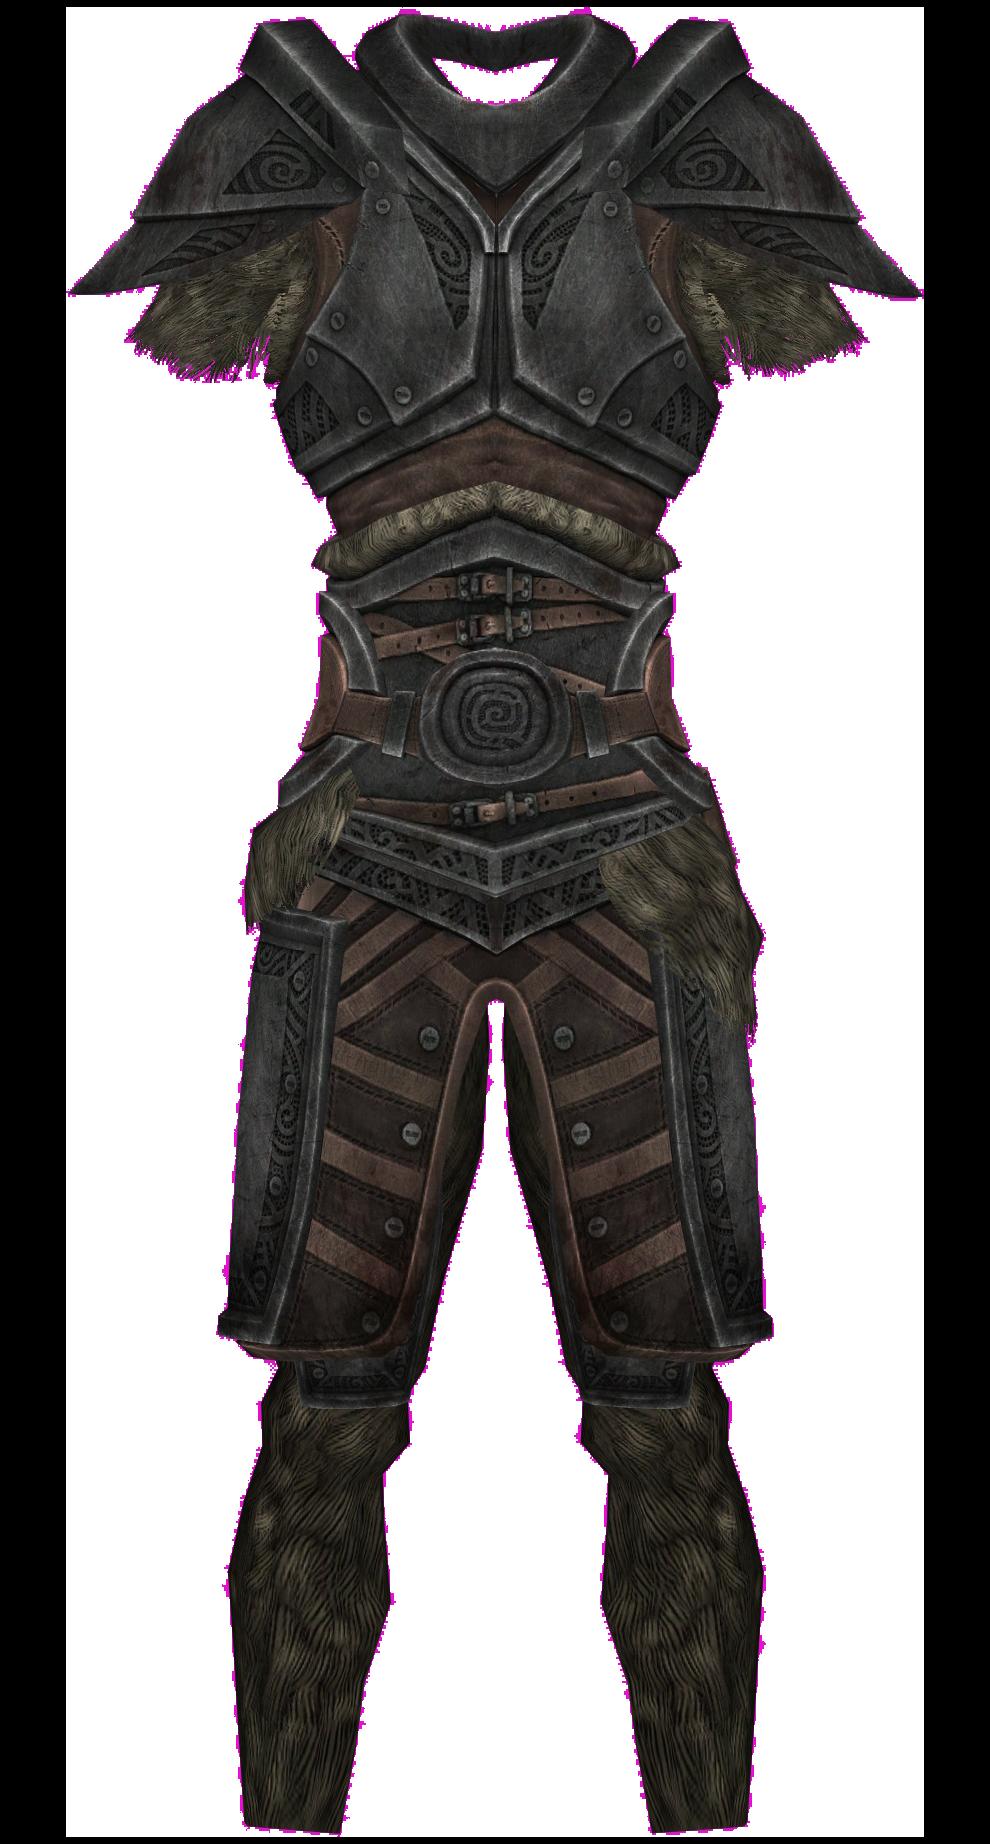 Steel Armor (Armor Piece)